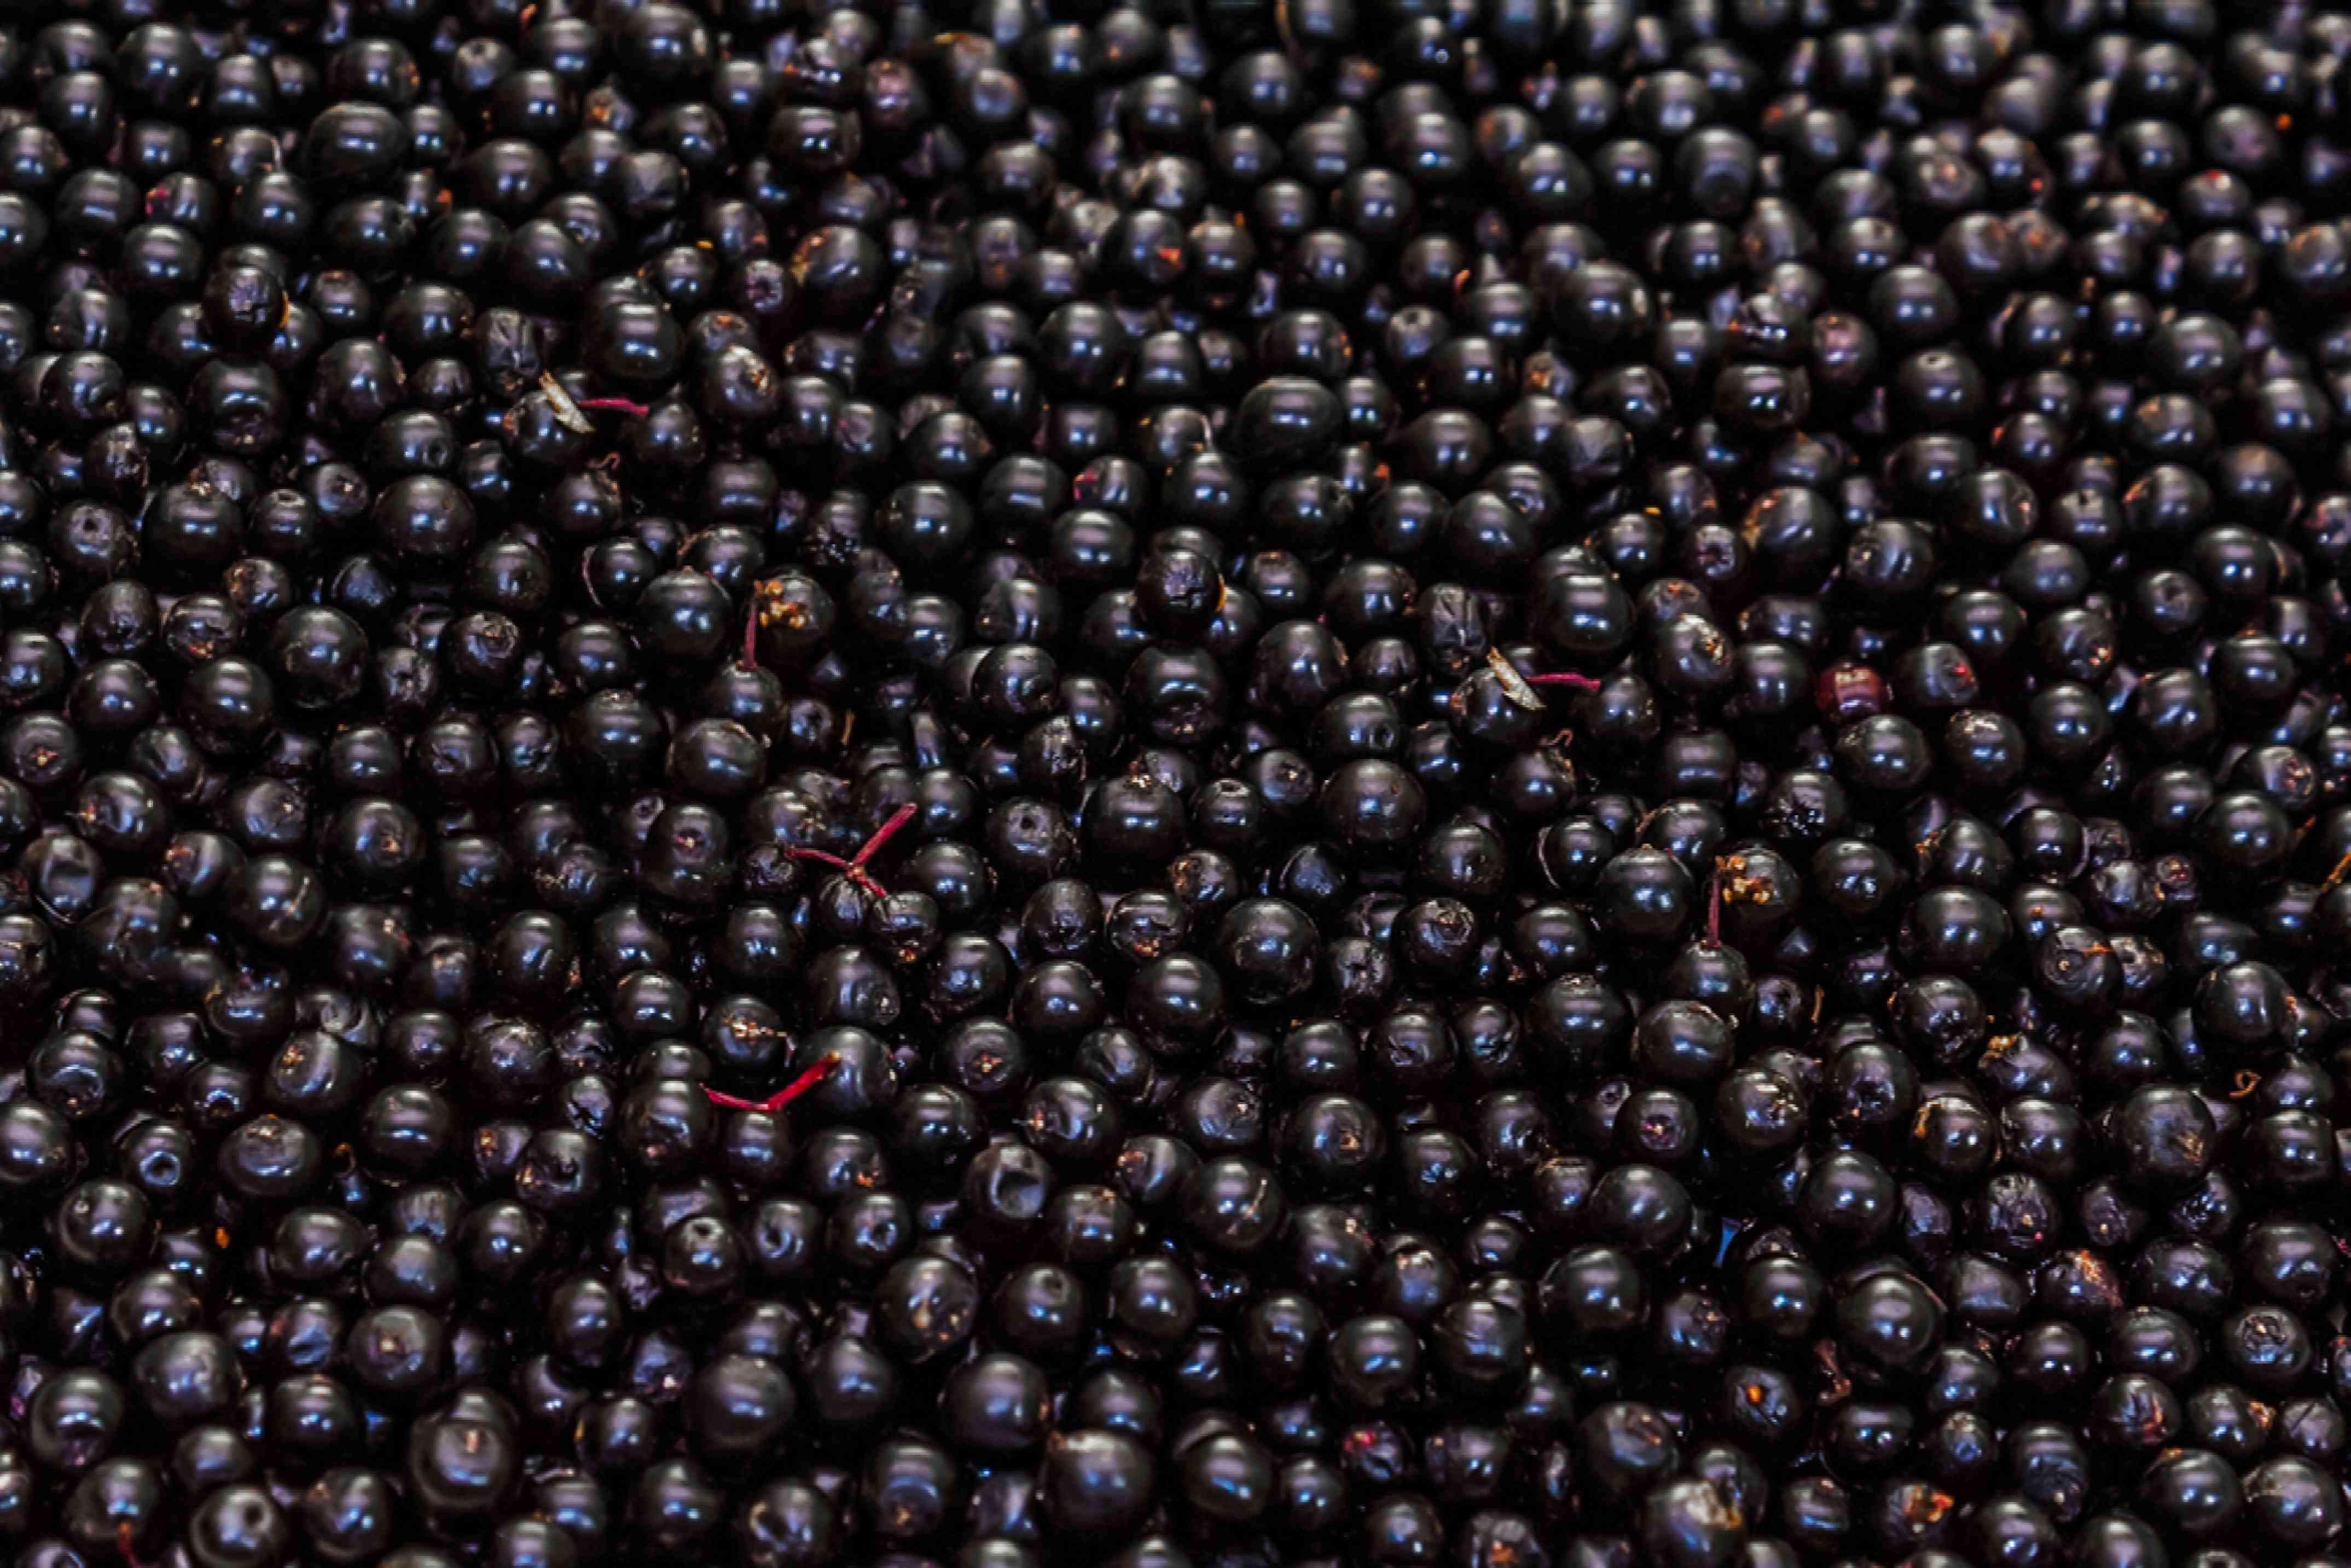 Pile of elderberries